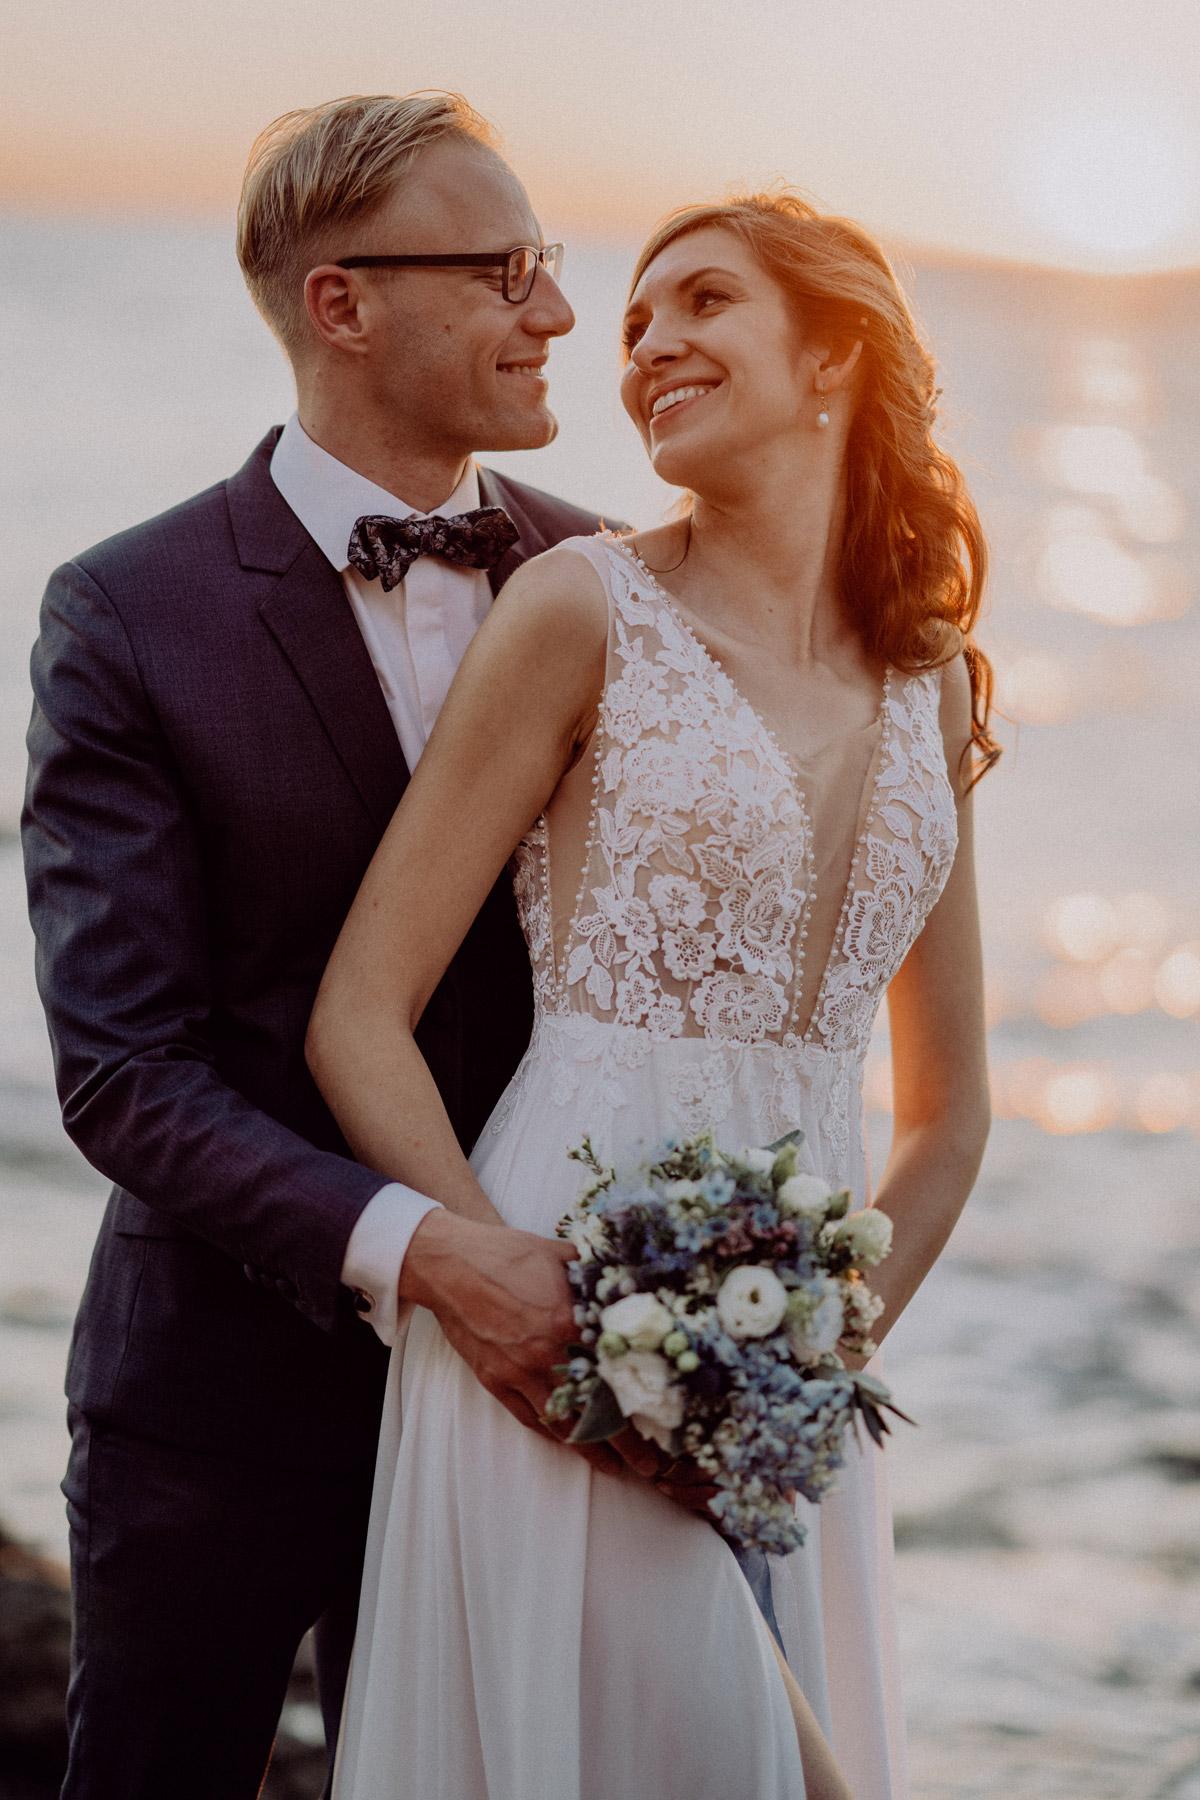 brautpaar fotos am strand mit meer, glückliches ehepaar im